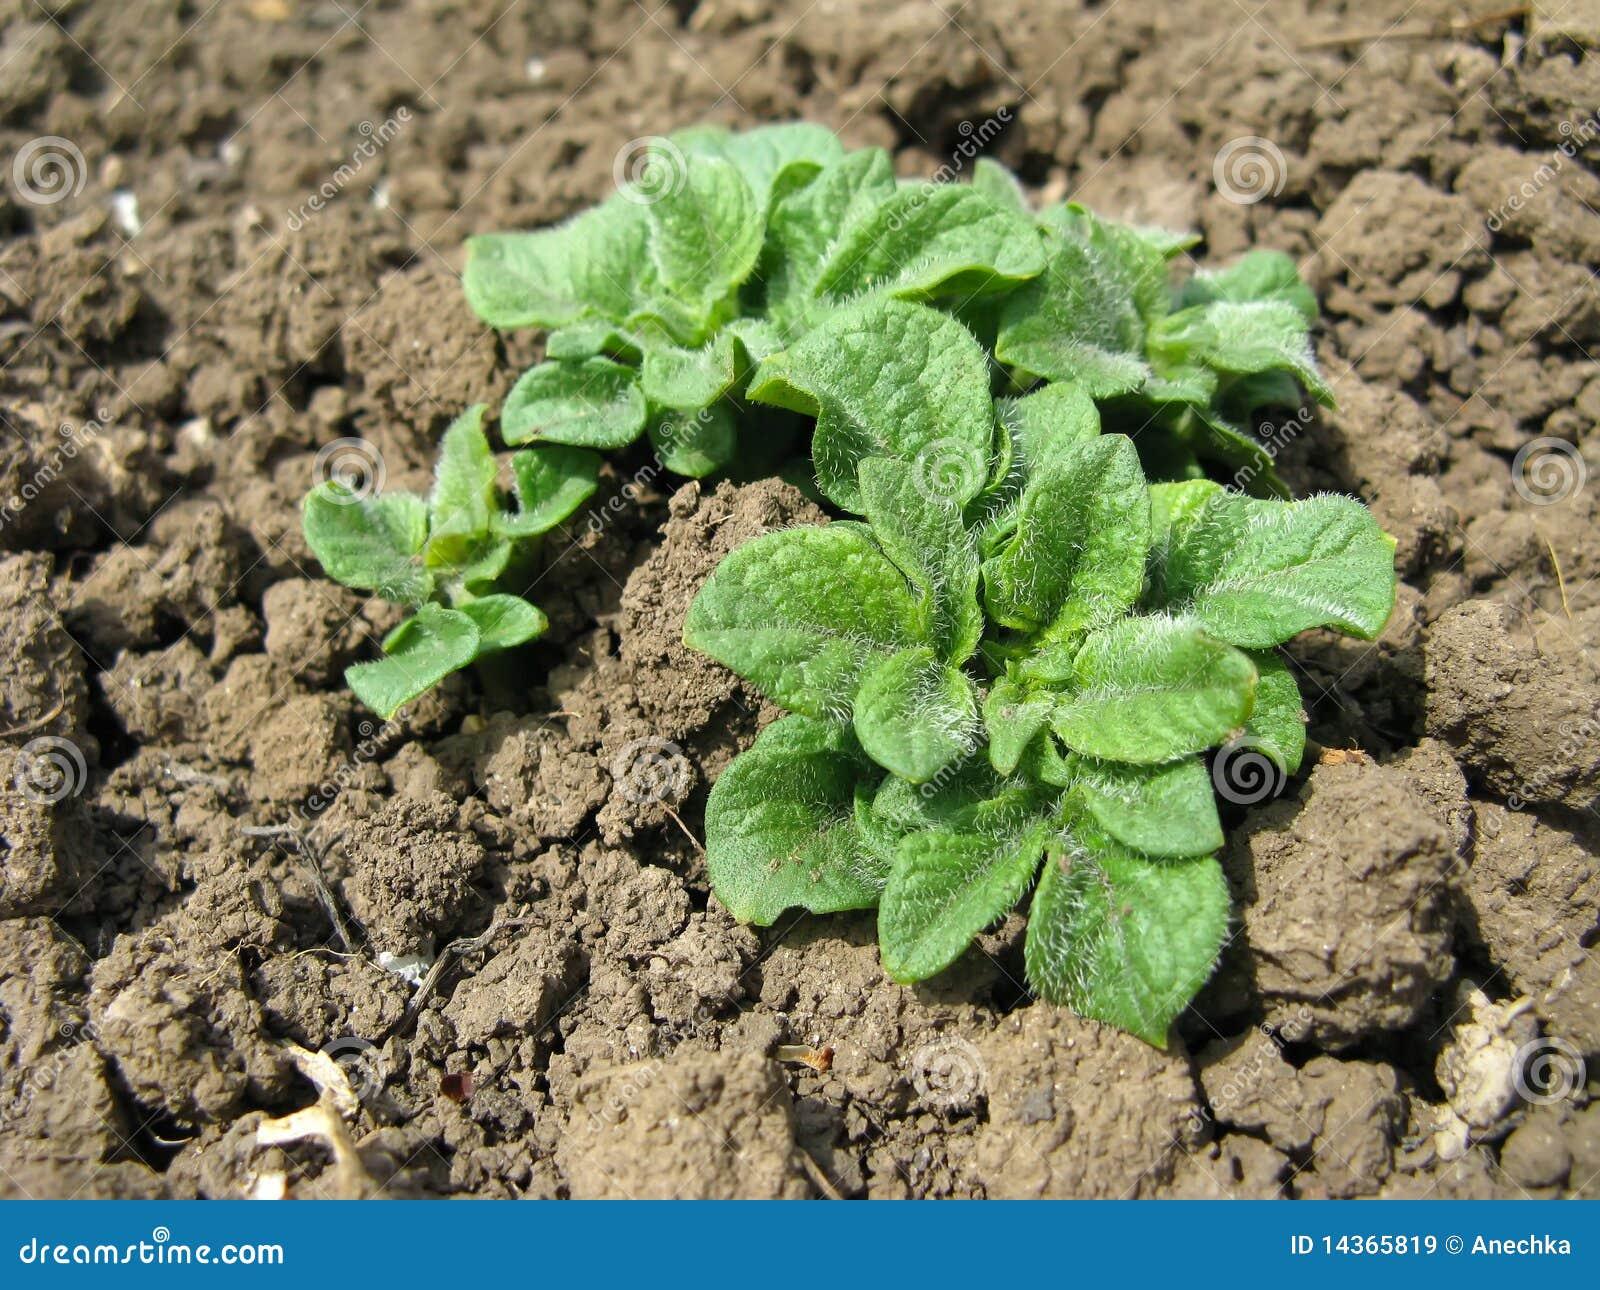 河床庭院生长土豆图片